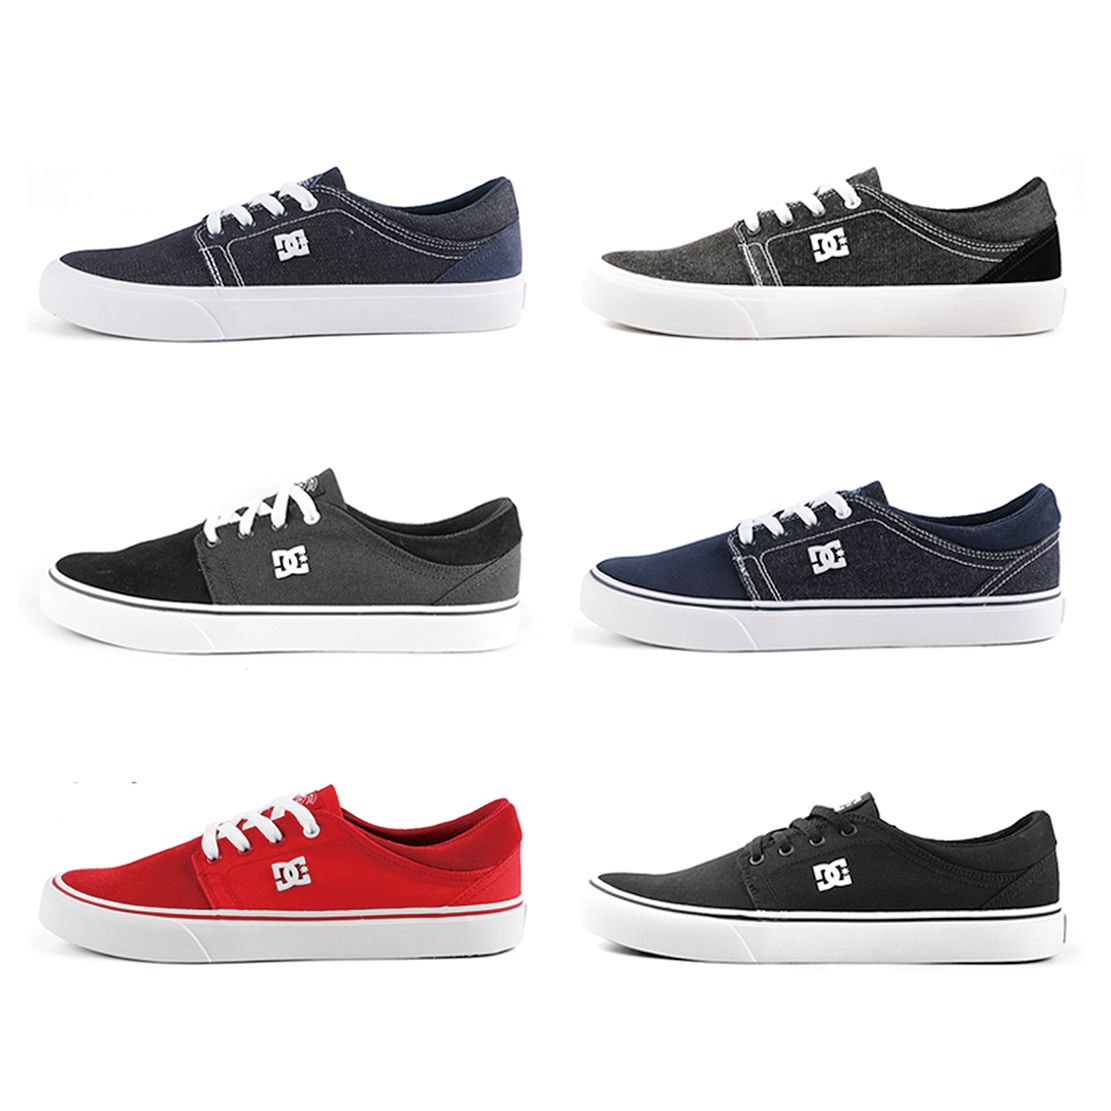 Обувь для скейтбординга Артикул 563501215156